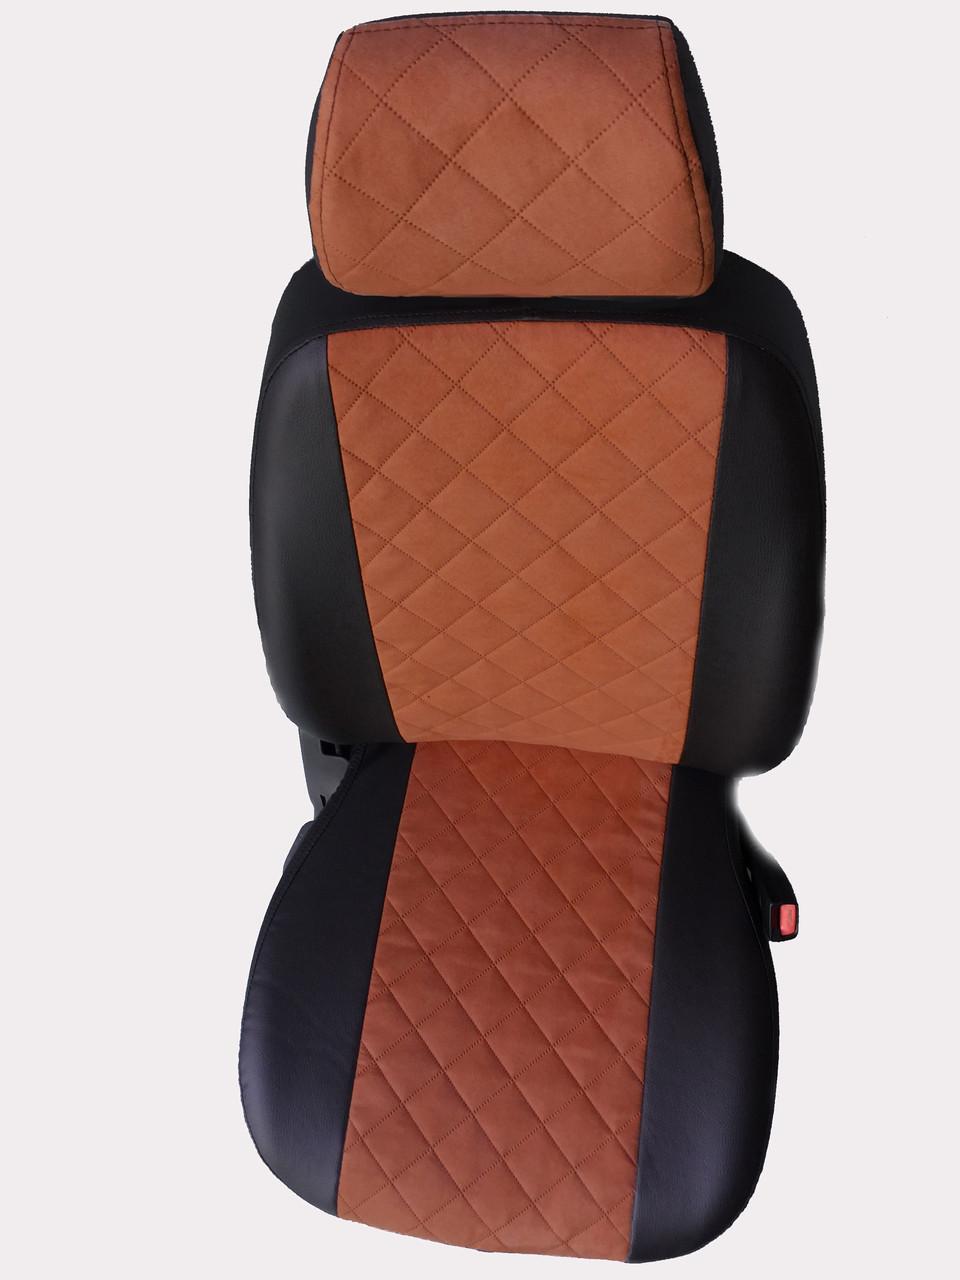 Чехлы на сиденья Джили СК2 (Geely CK2) (универсальные, экокожа+Алькантара, с отдельным подголовником)